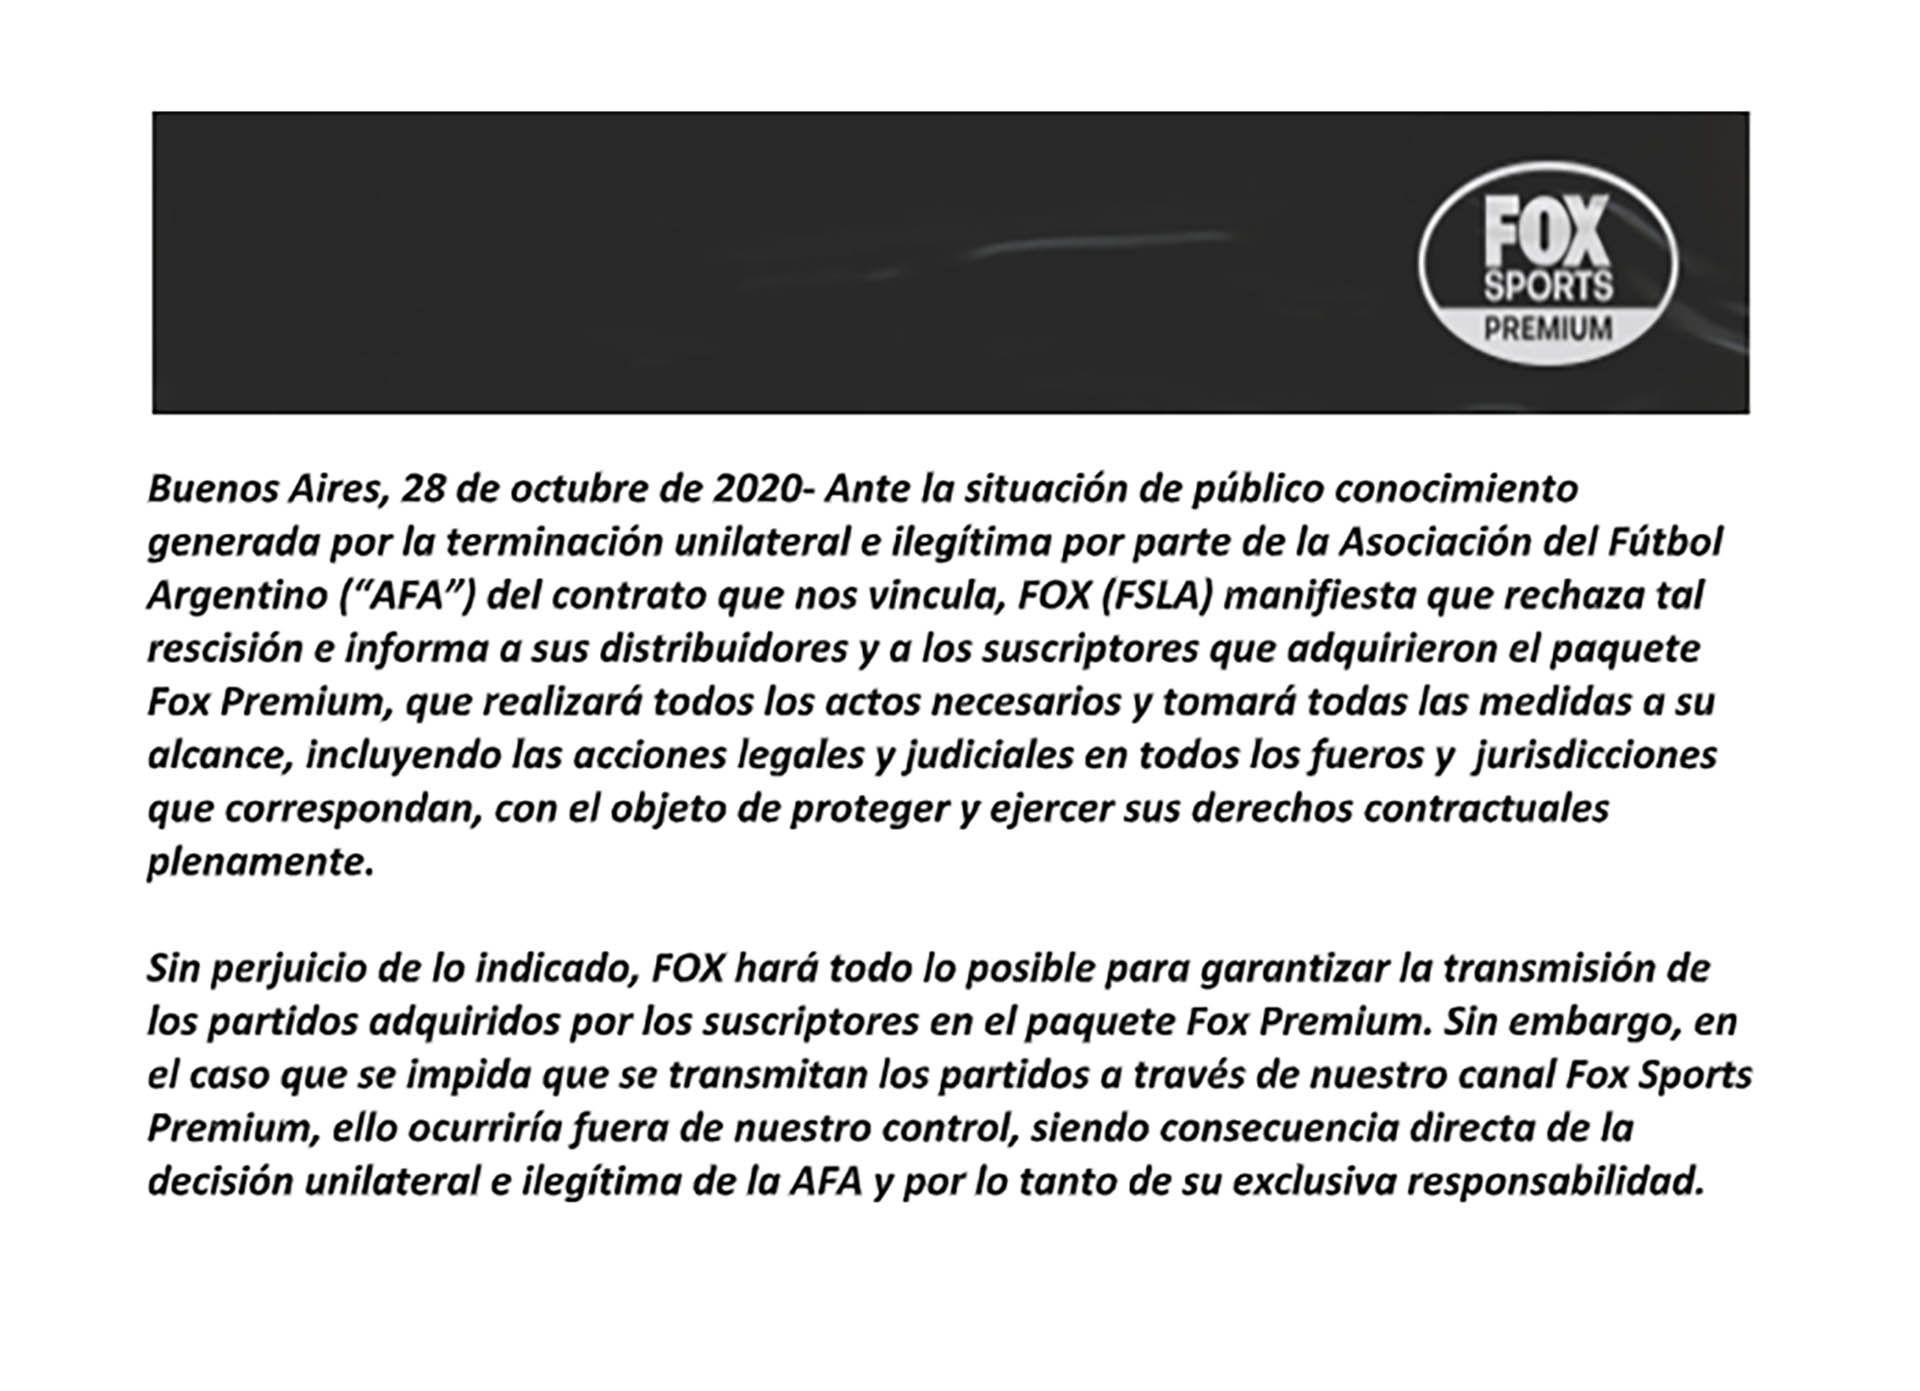 carta de Fox contra la AFA